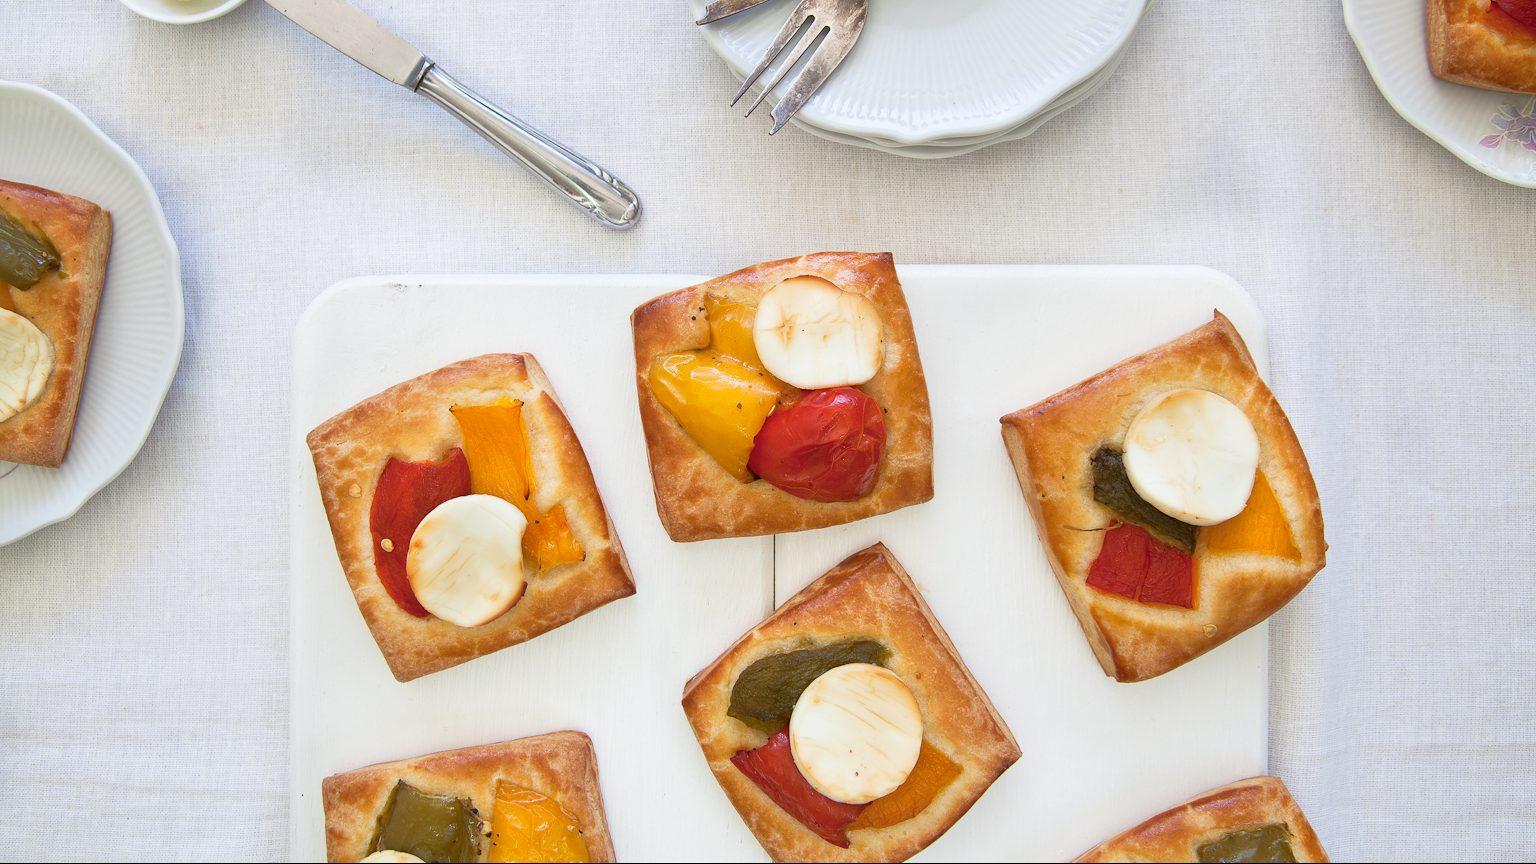 מאפה בוקר צרפתי במתיקות מעודנת – מיני בריוש עם פלפלים קלויים